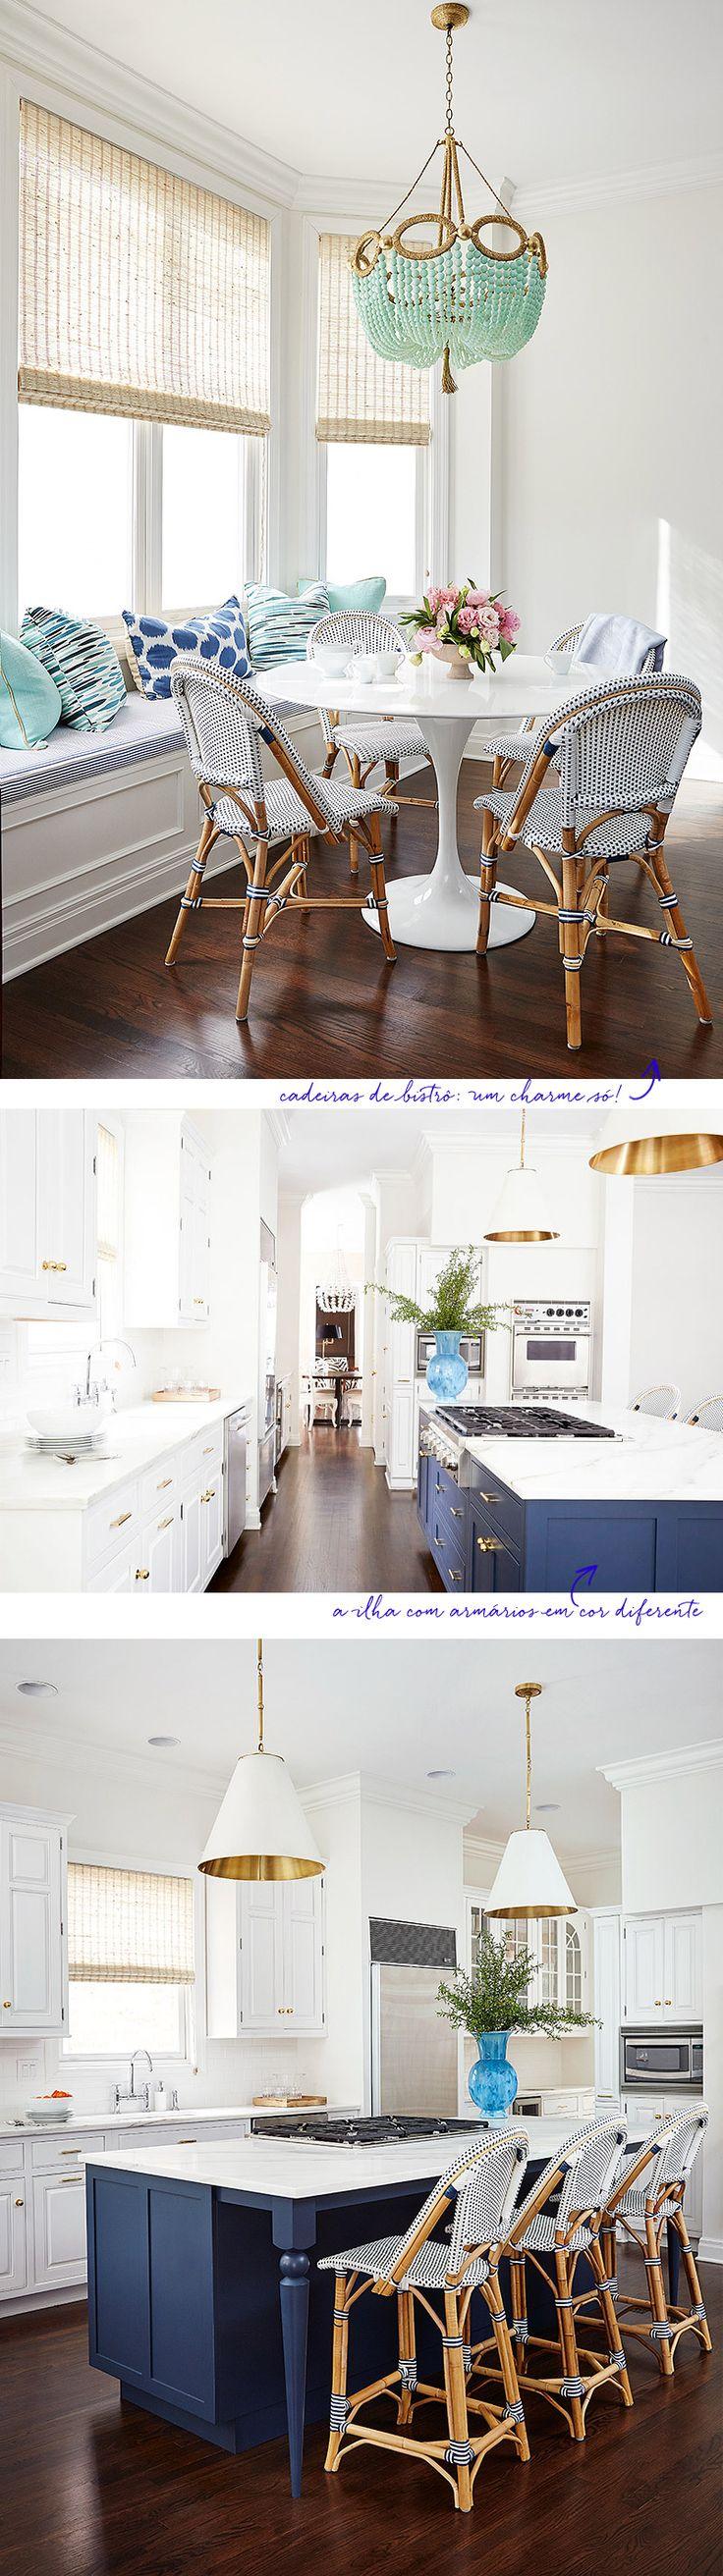 living-gazette-barbara-resende-decor-do-dia-cozinha-tradicional-ilha-cadeiras-bistro